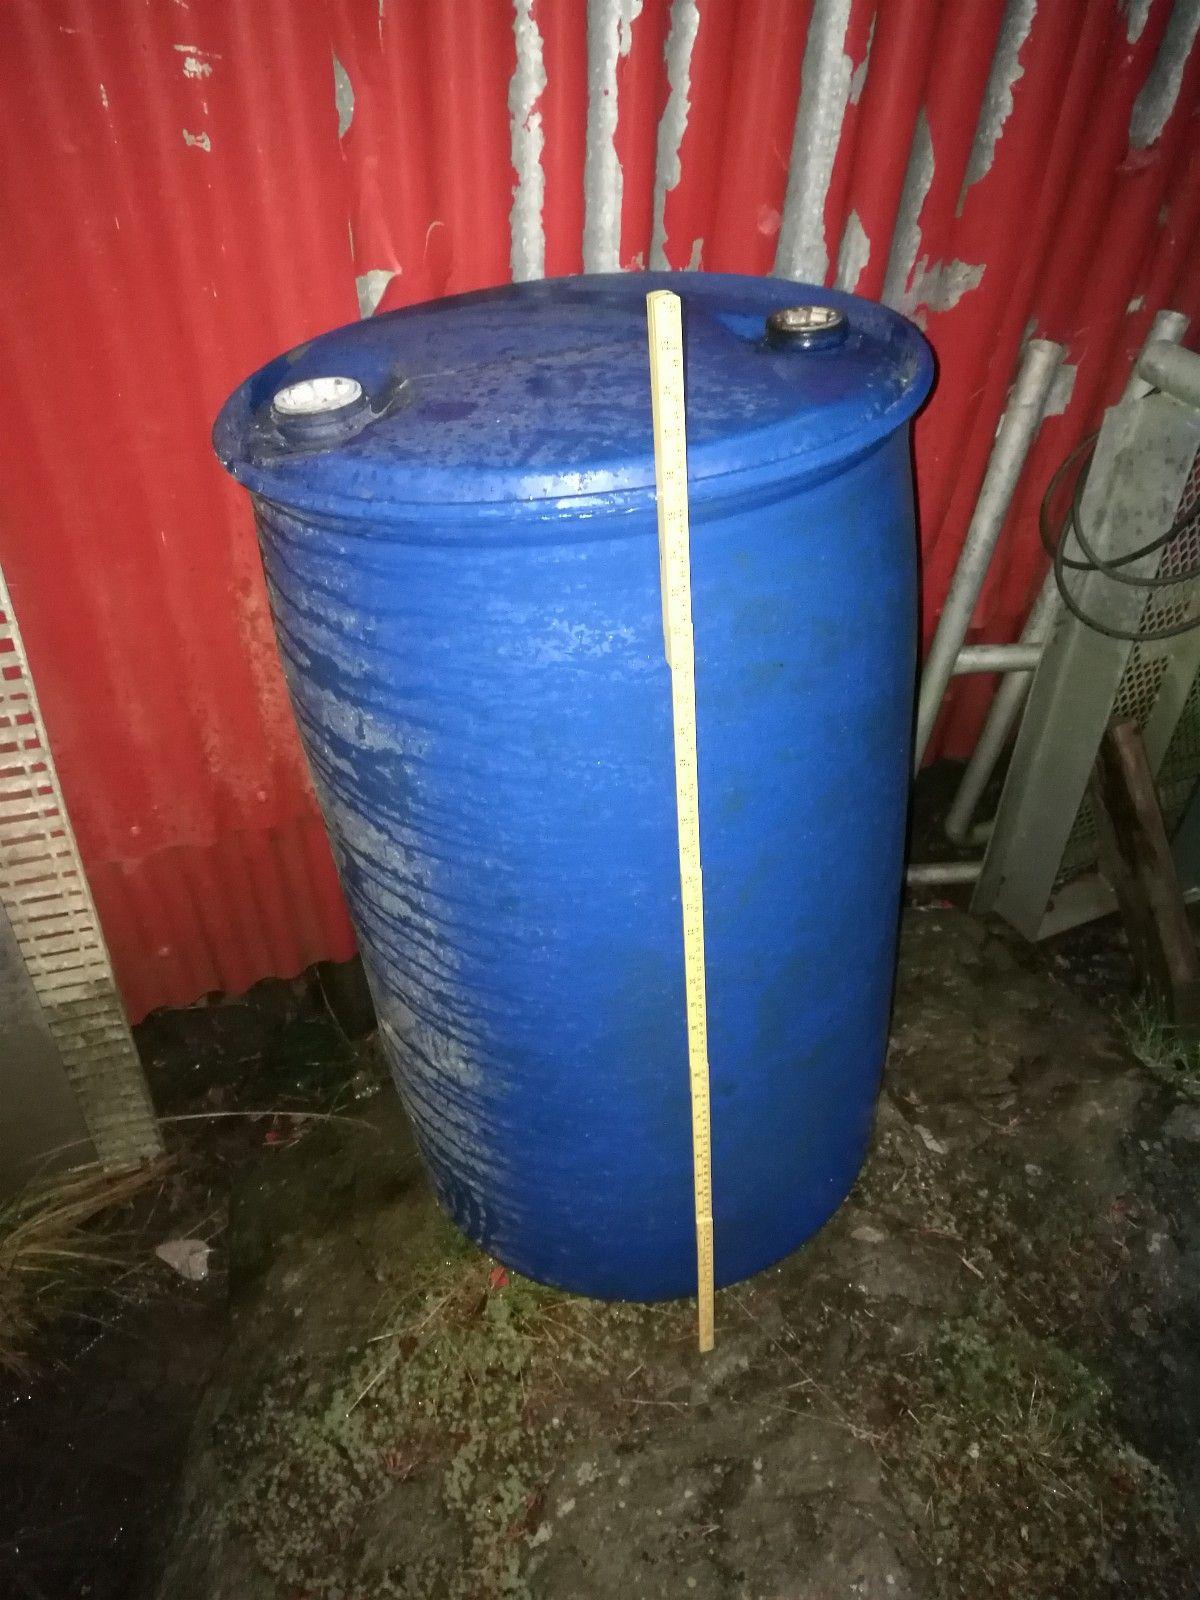 200L plastfat 10 stk - Tanem  - 10 stk plast-fat selges samlet for 1500,- , ellet 180,- per fat. Flytebryggeprosjekt o.l. ! Må hentes - Tanem